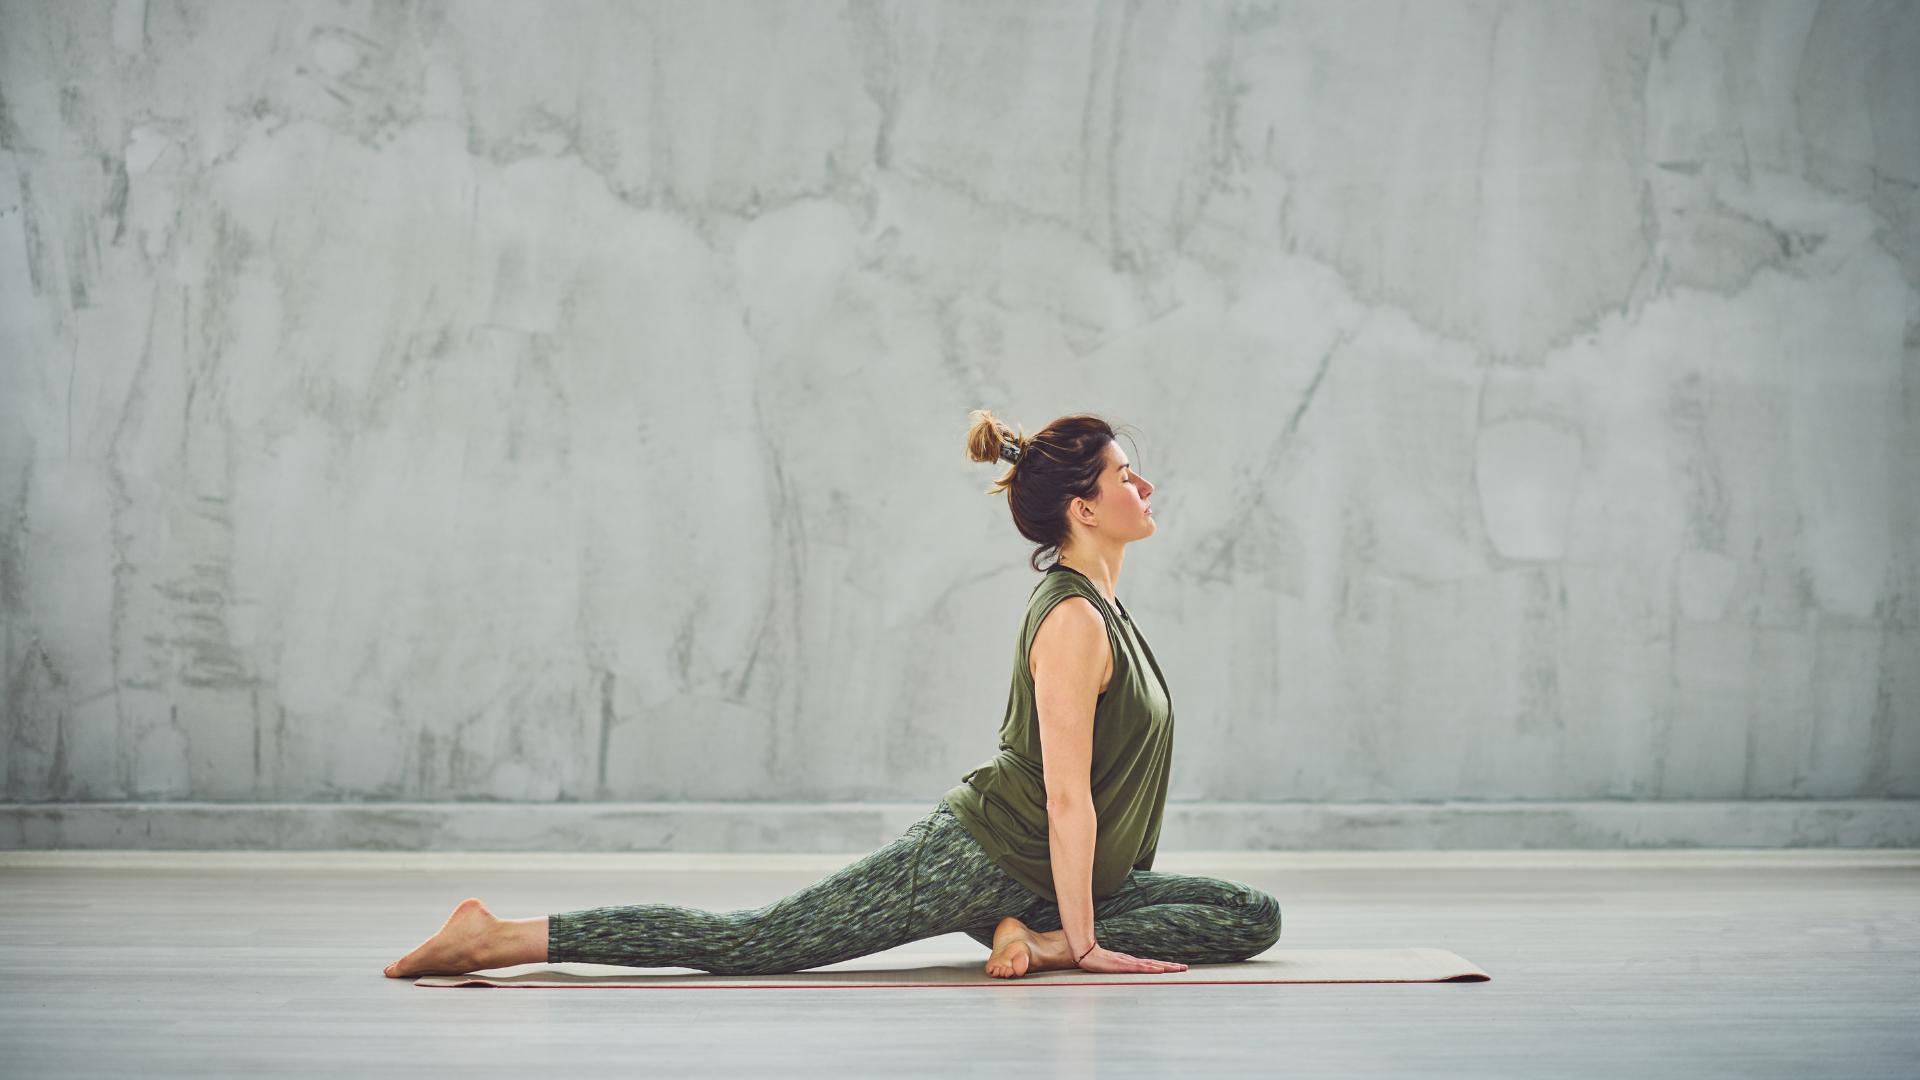 pigeon-yoga-lapausebaskets-sport-entreprise